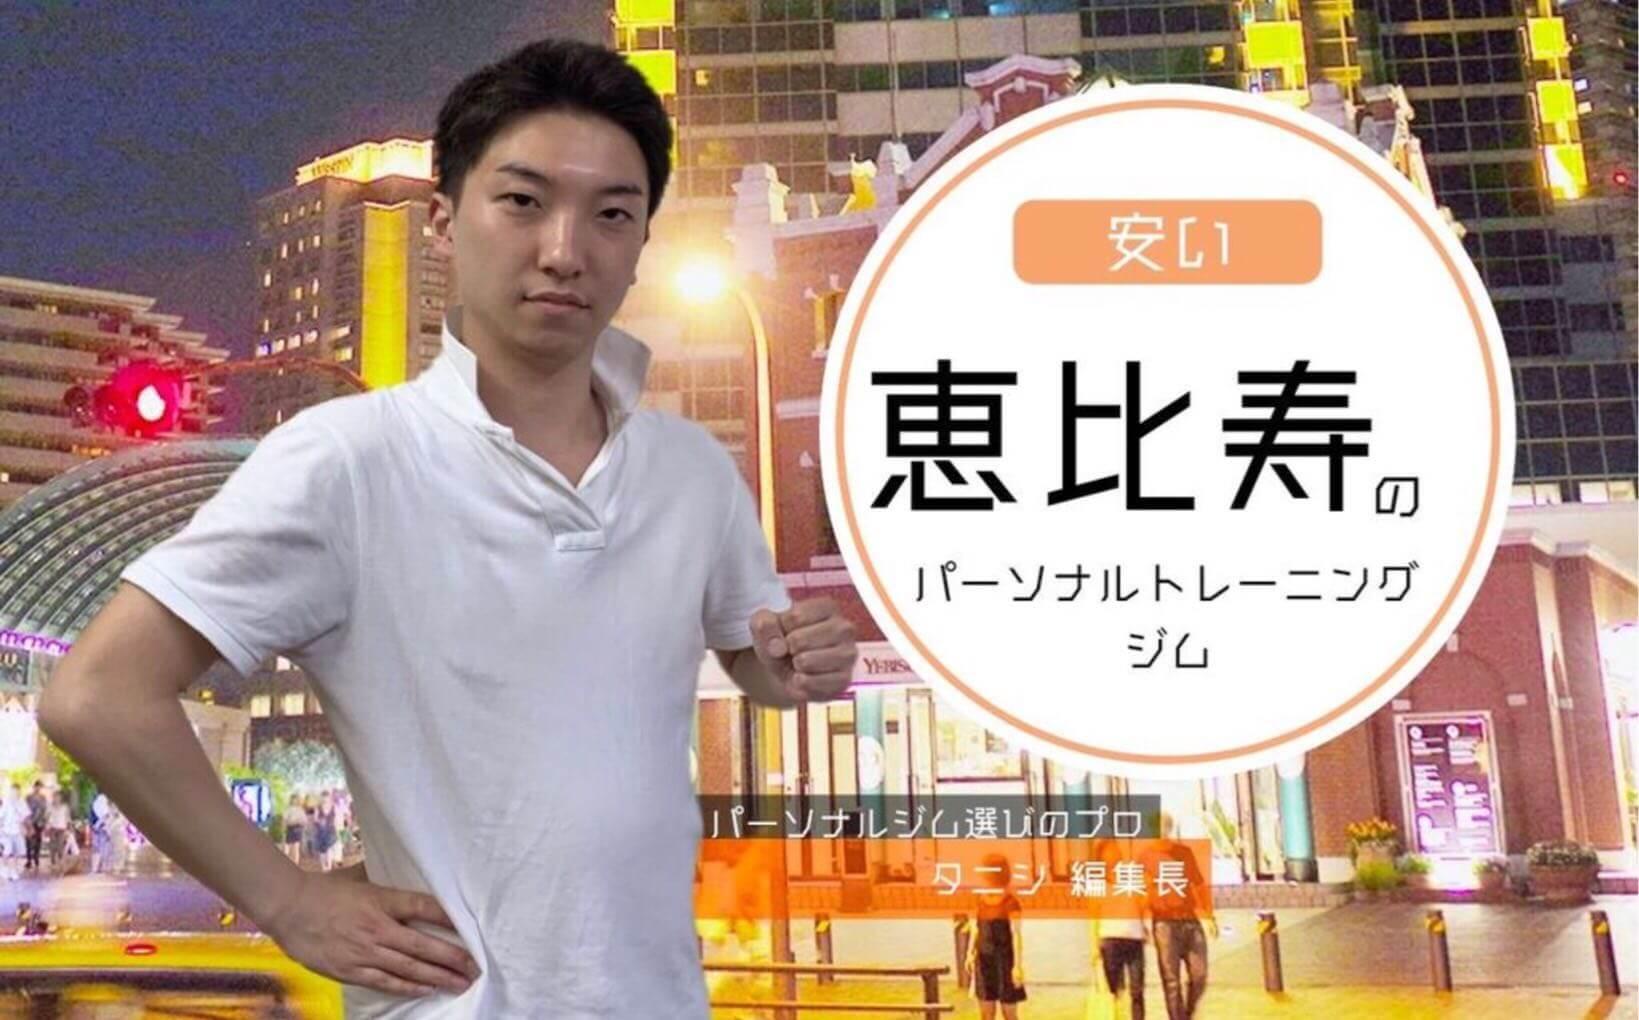 【月額8万以下】格安!料金が安い恵比寿のパーソナルトレーニングジム3選